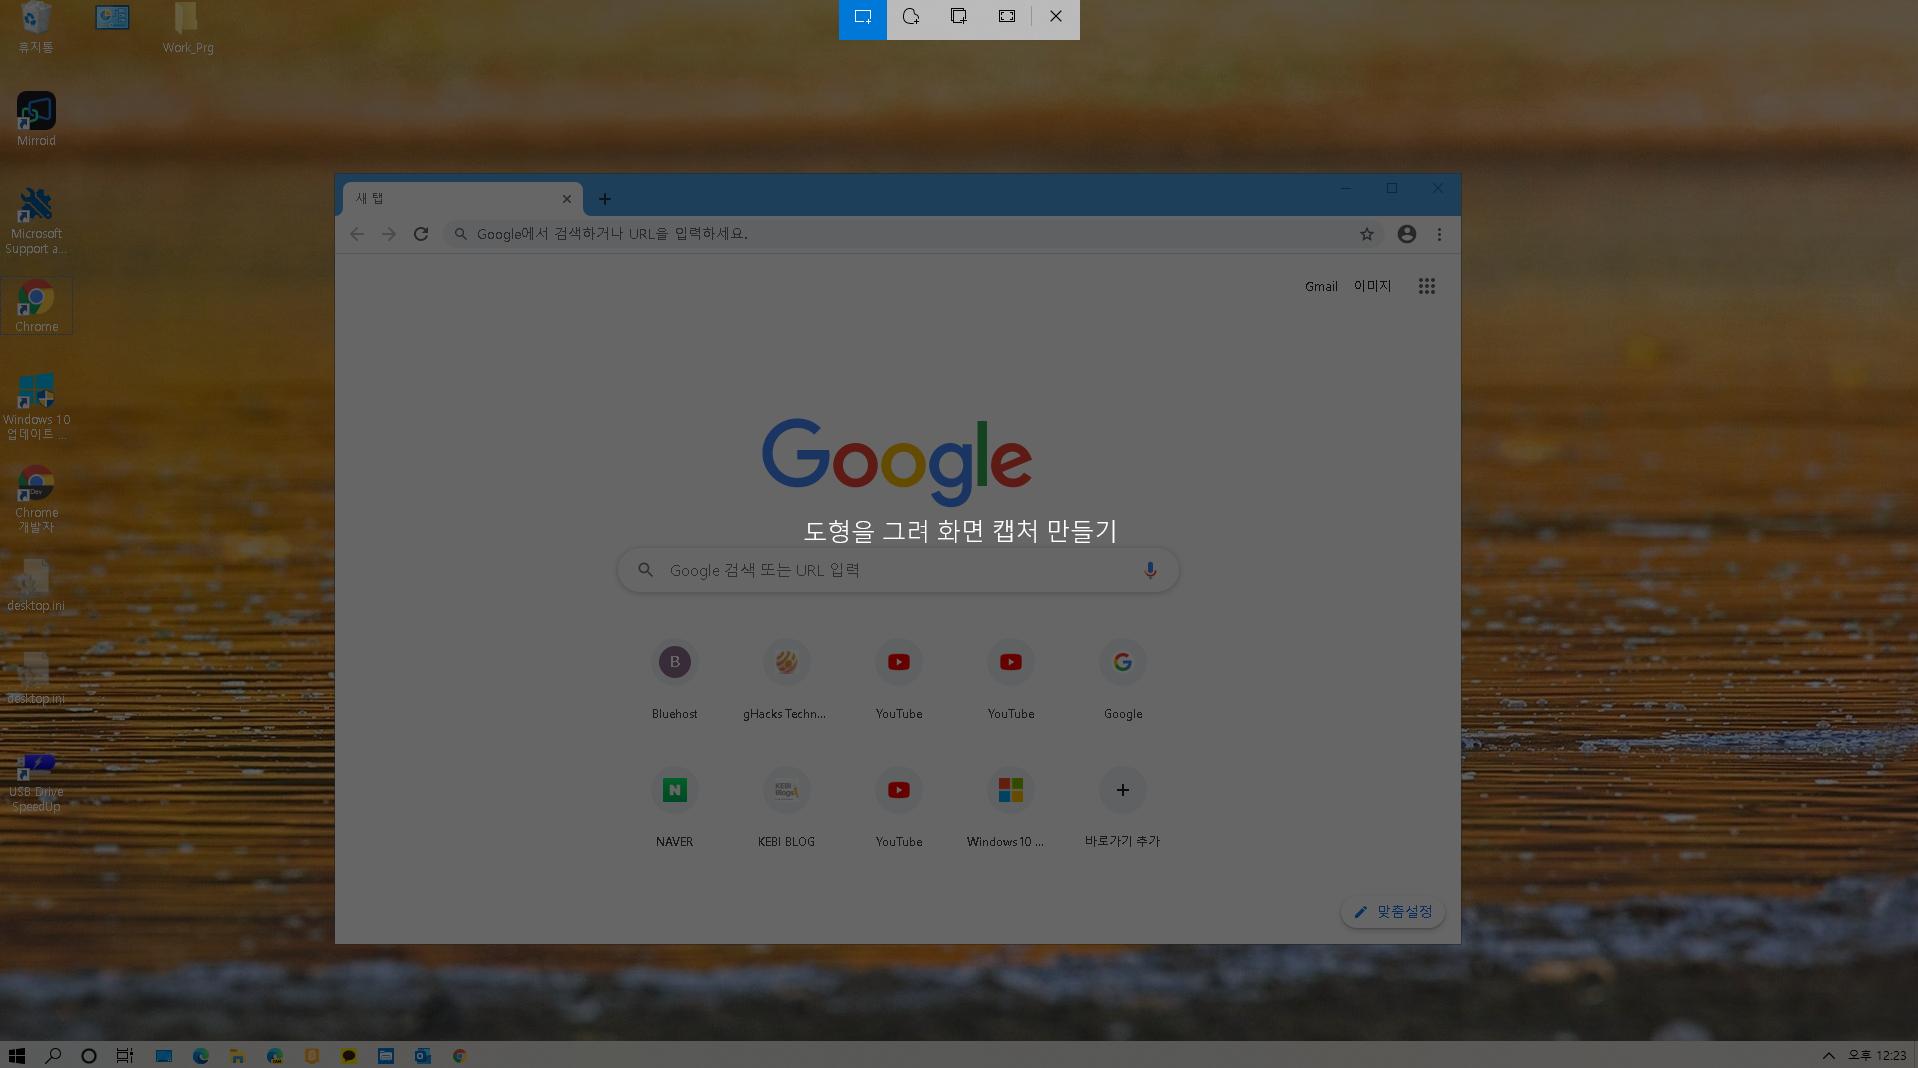 윈도우10 화면캡처 방법